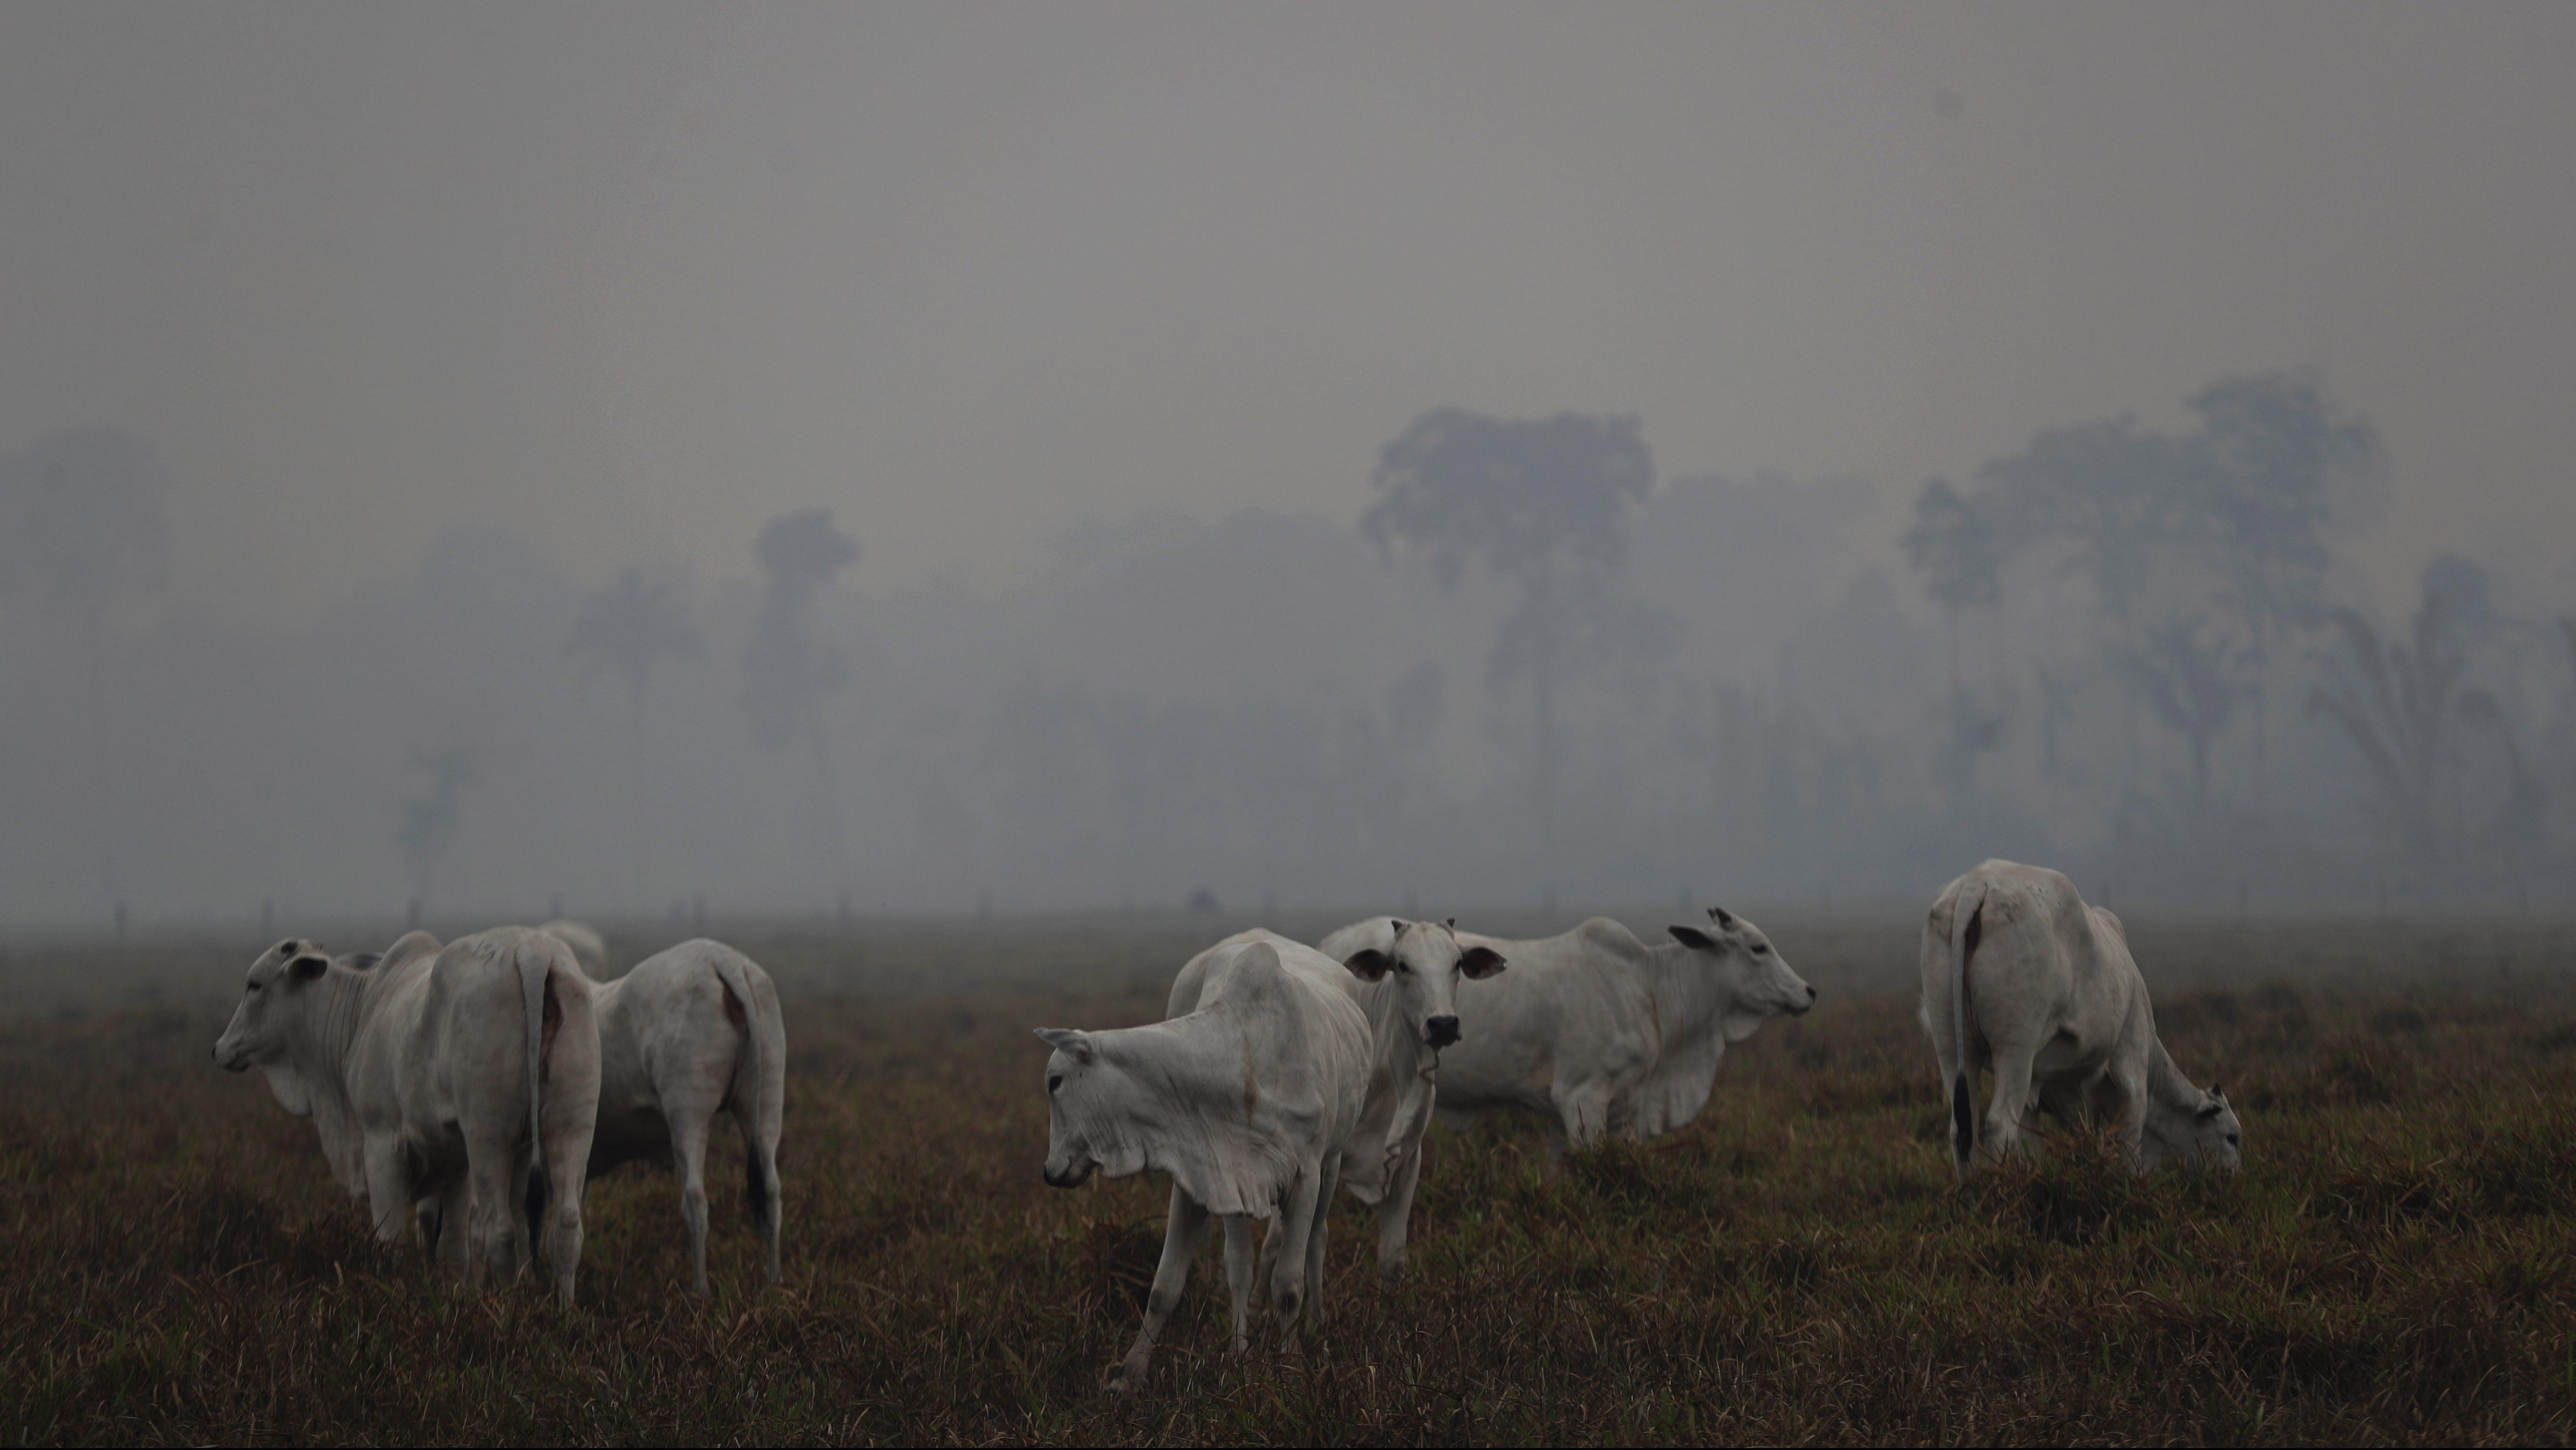 Cattle graze in front of Amazon fire's smoke